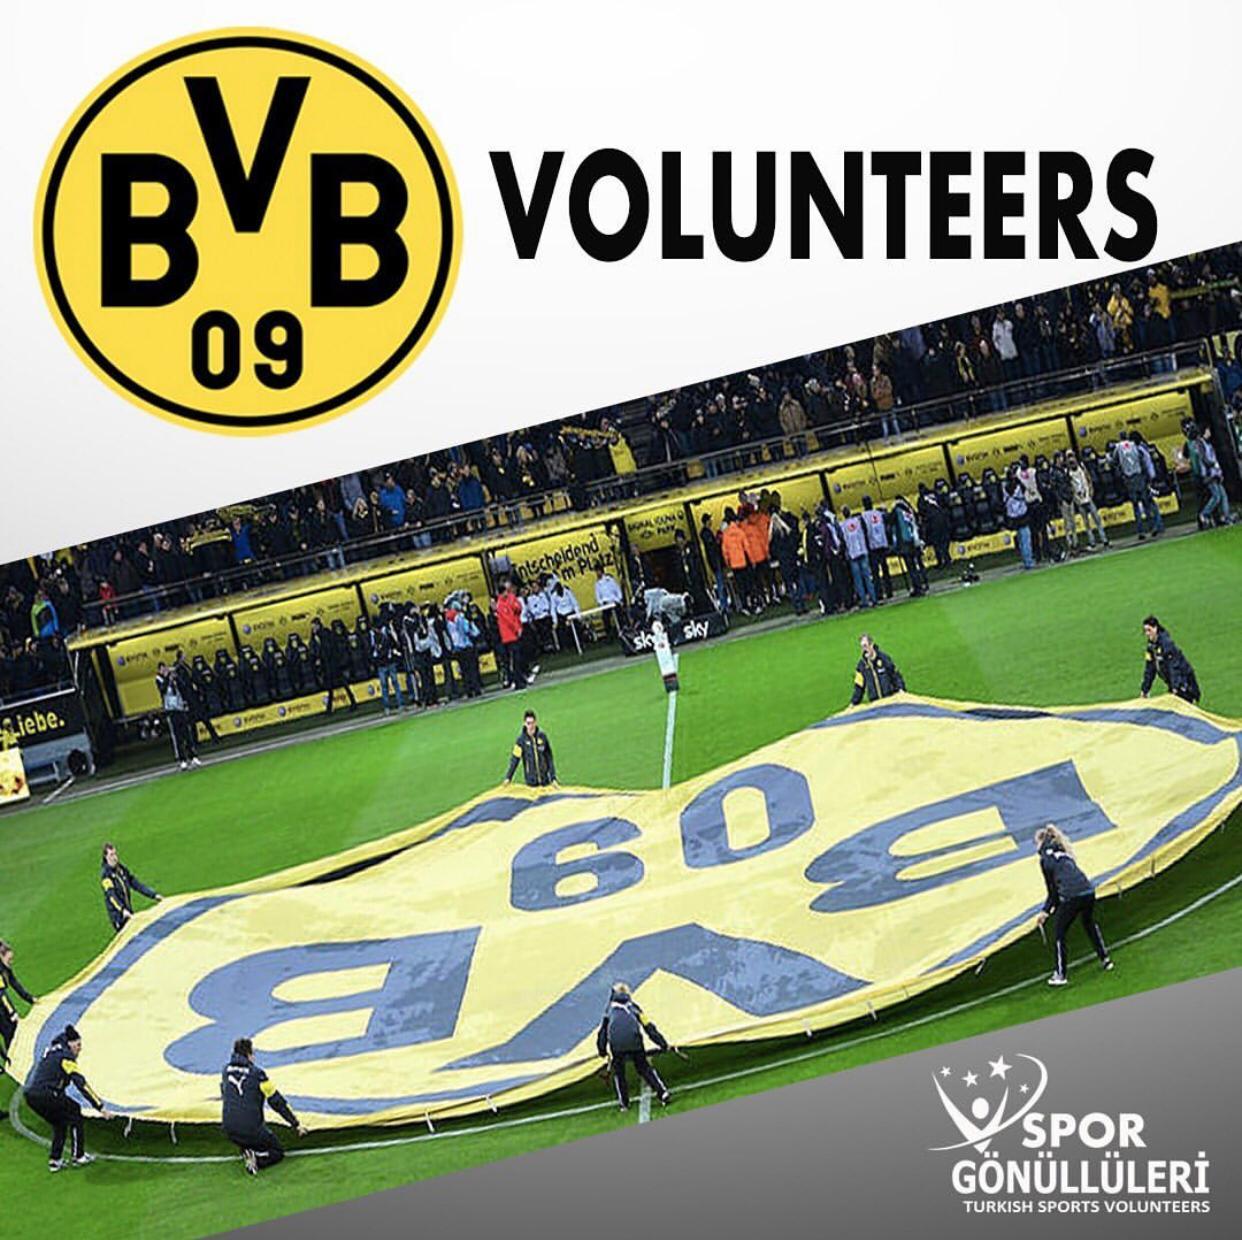 BVB gönüllüleri